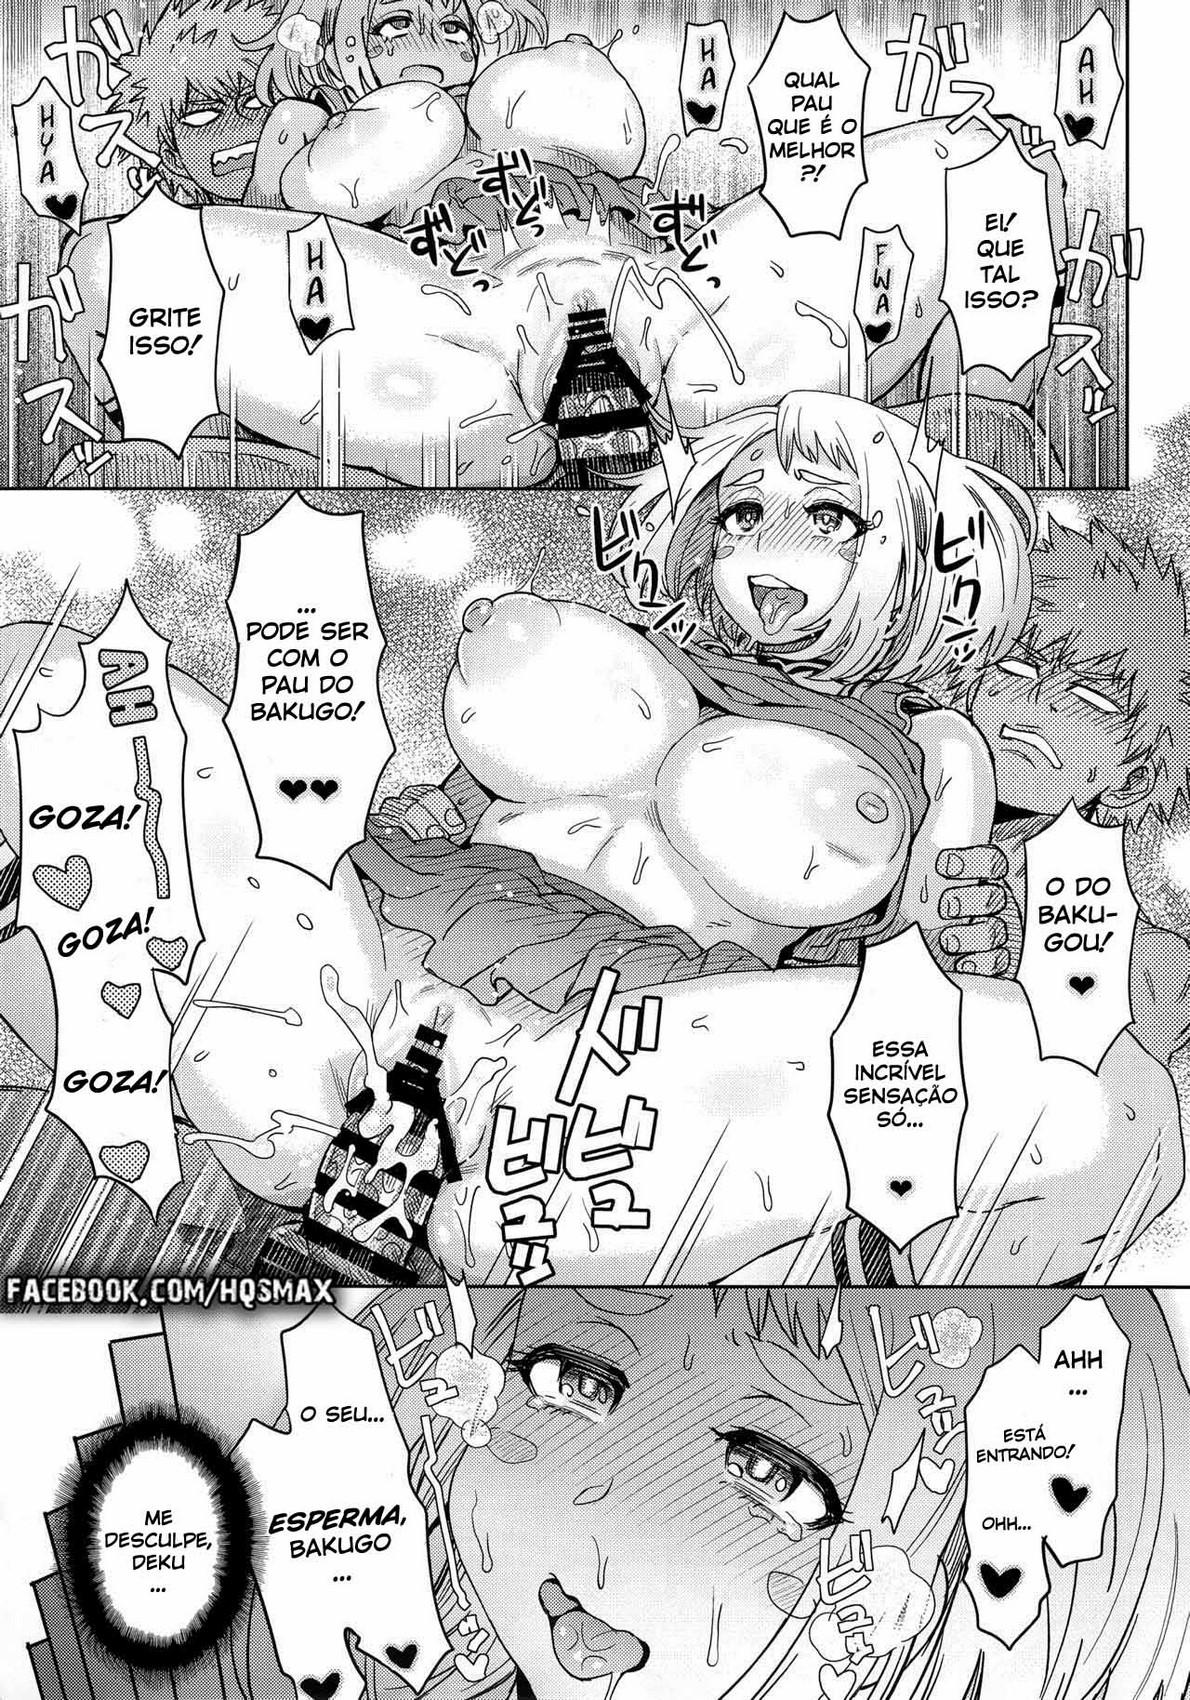 boku no hero academy uraraka s prostitution 25 - Boku no Hero Academy - Uararaka Prostitution Hentai